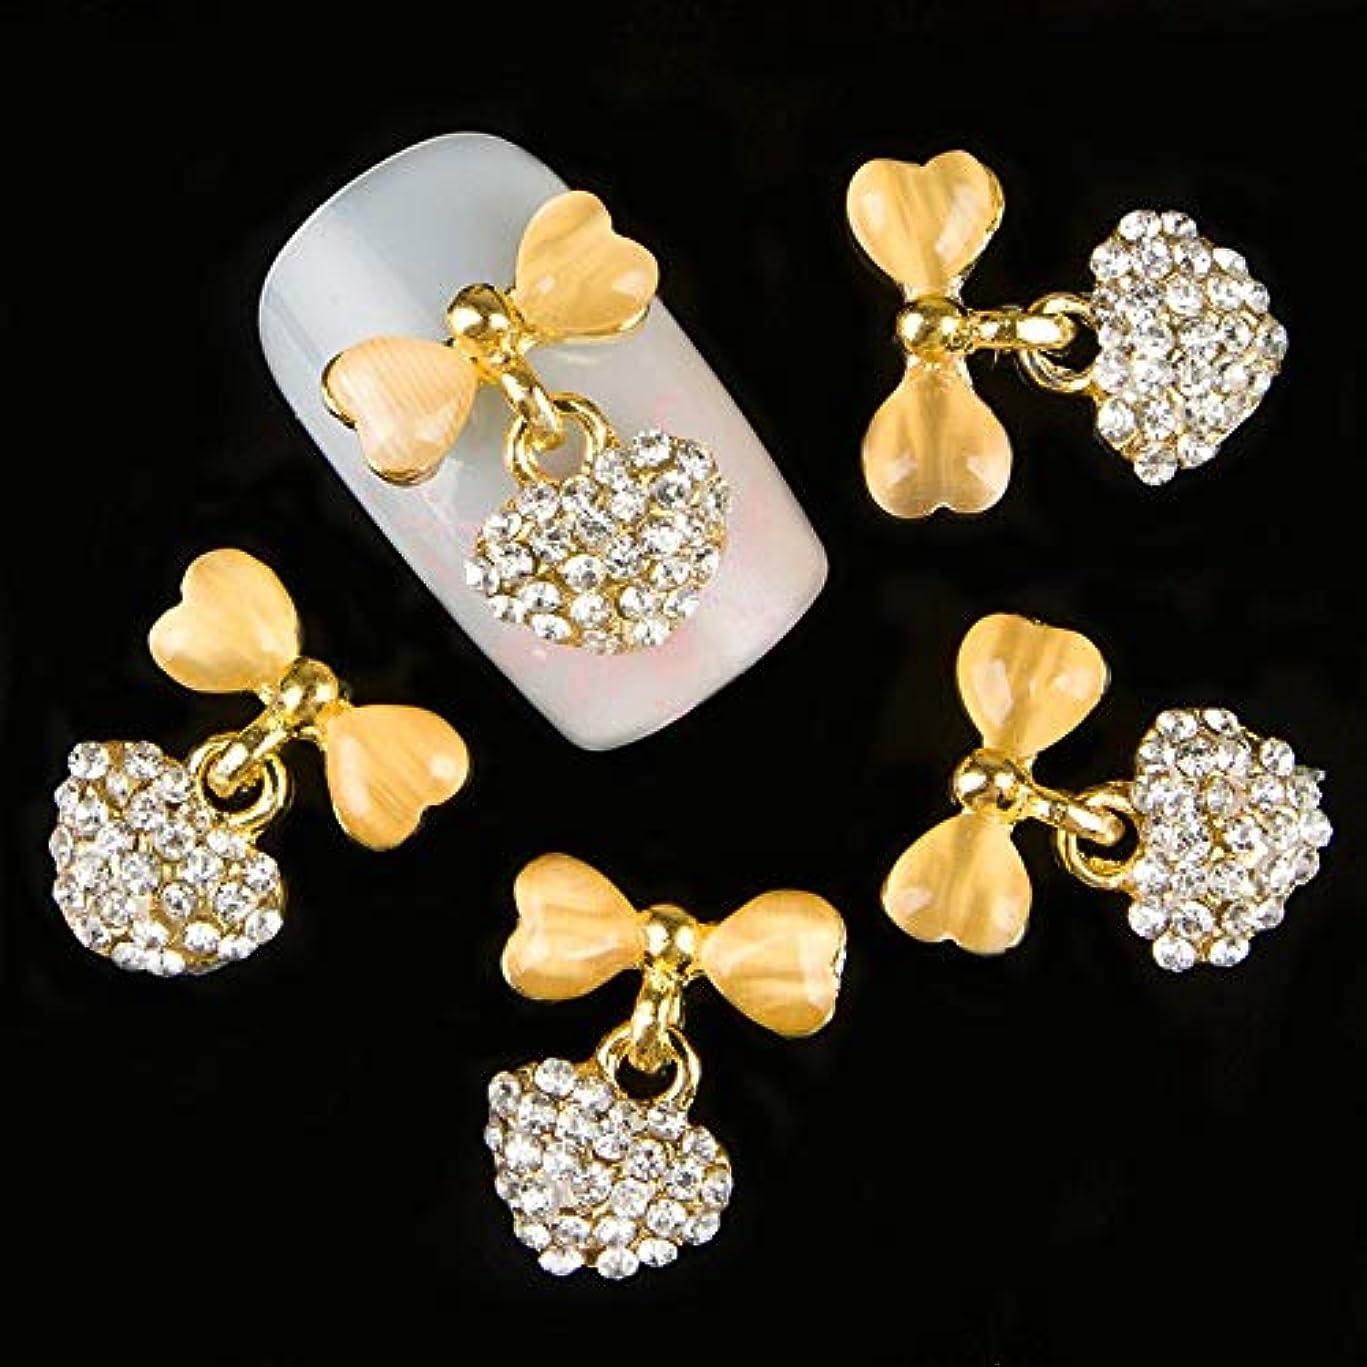 風エコーキャプテン10個入りの3D金の弓のきらめき宝石装飾ネイルアートのヒントデコレーションネイルスタッズラインストーン